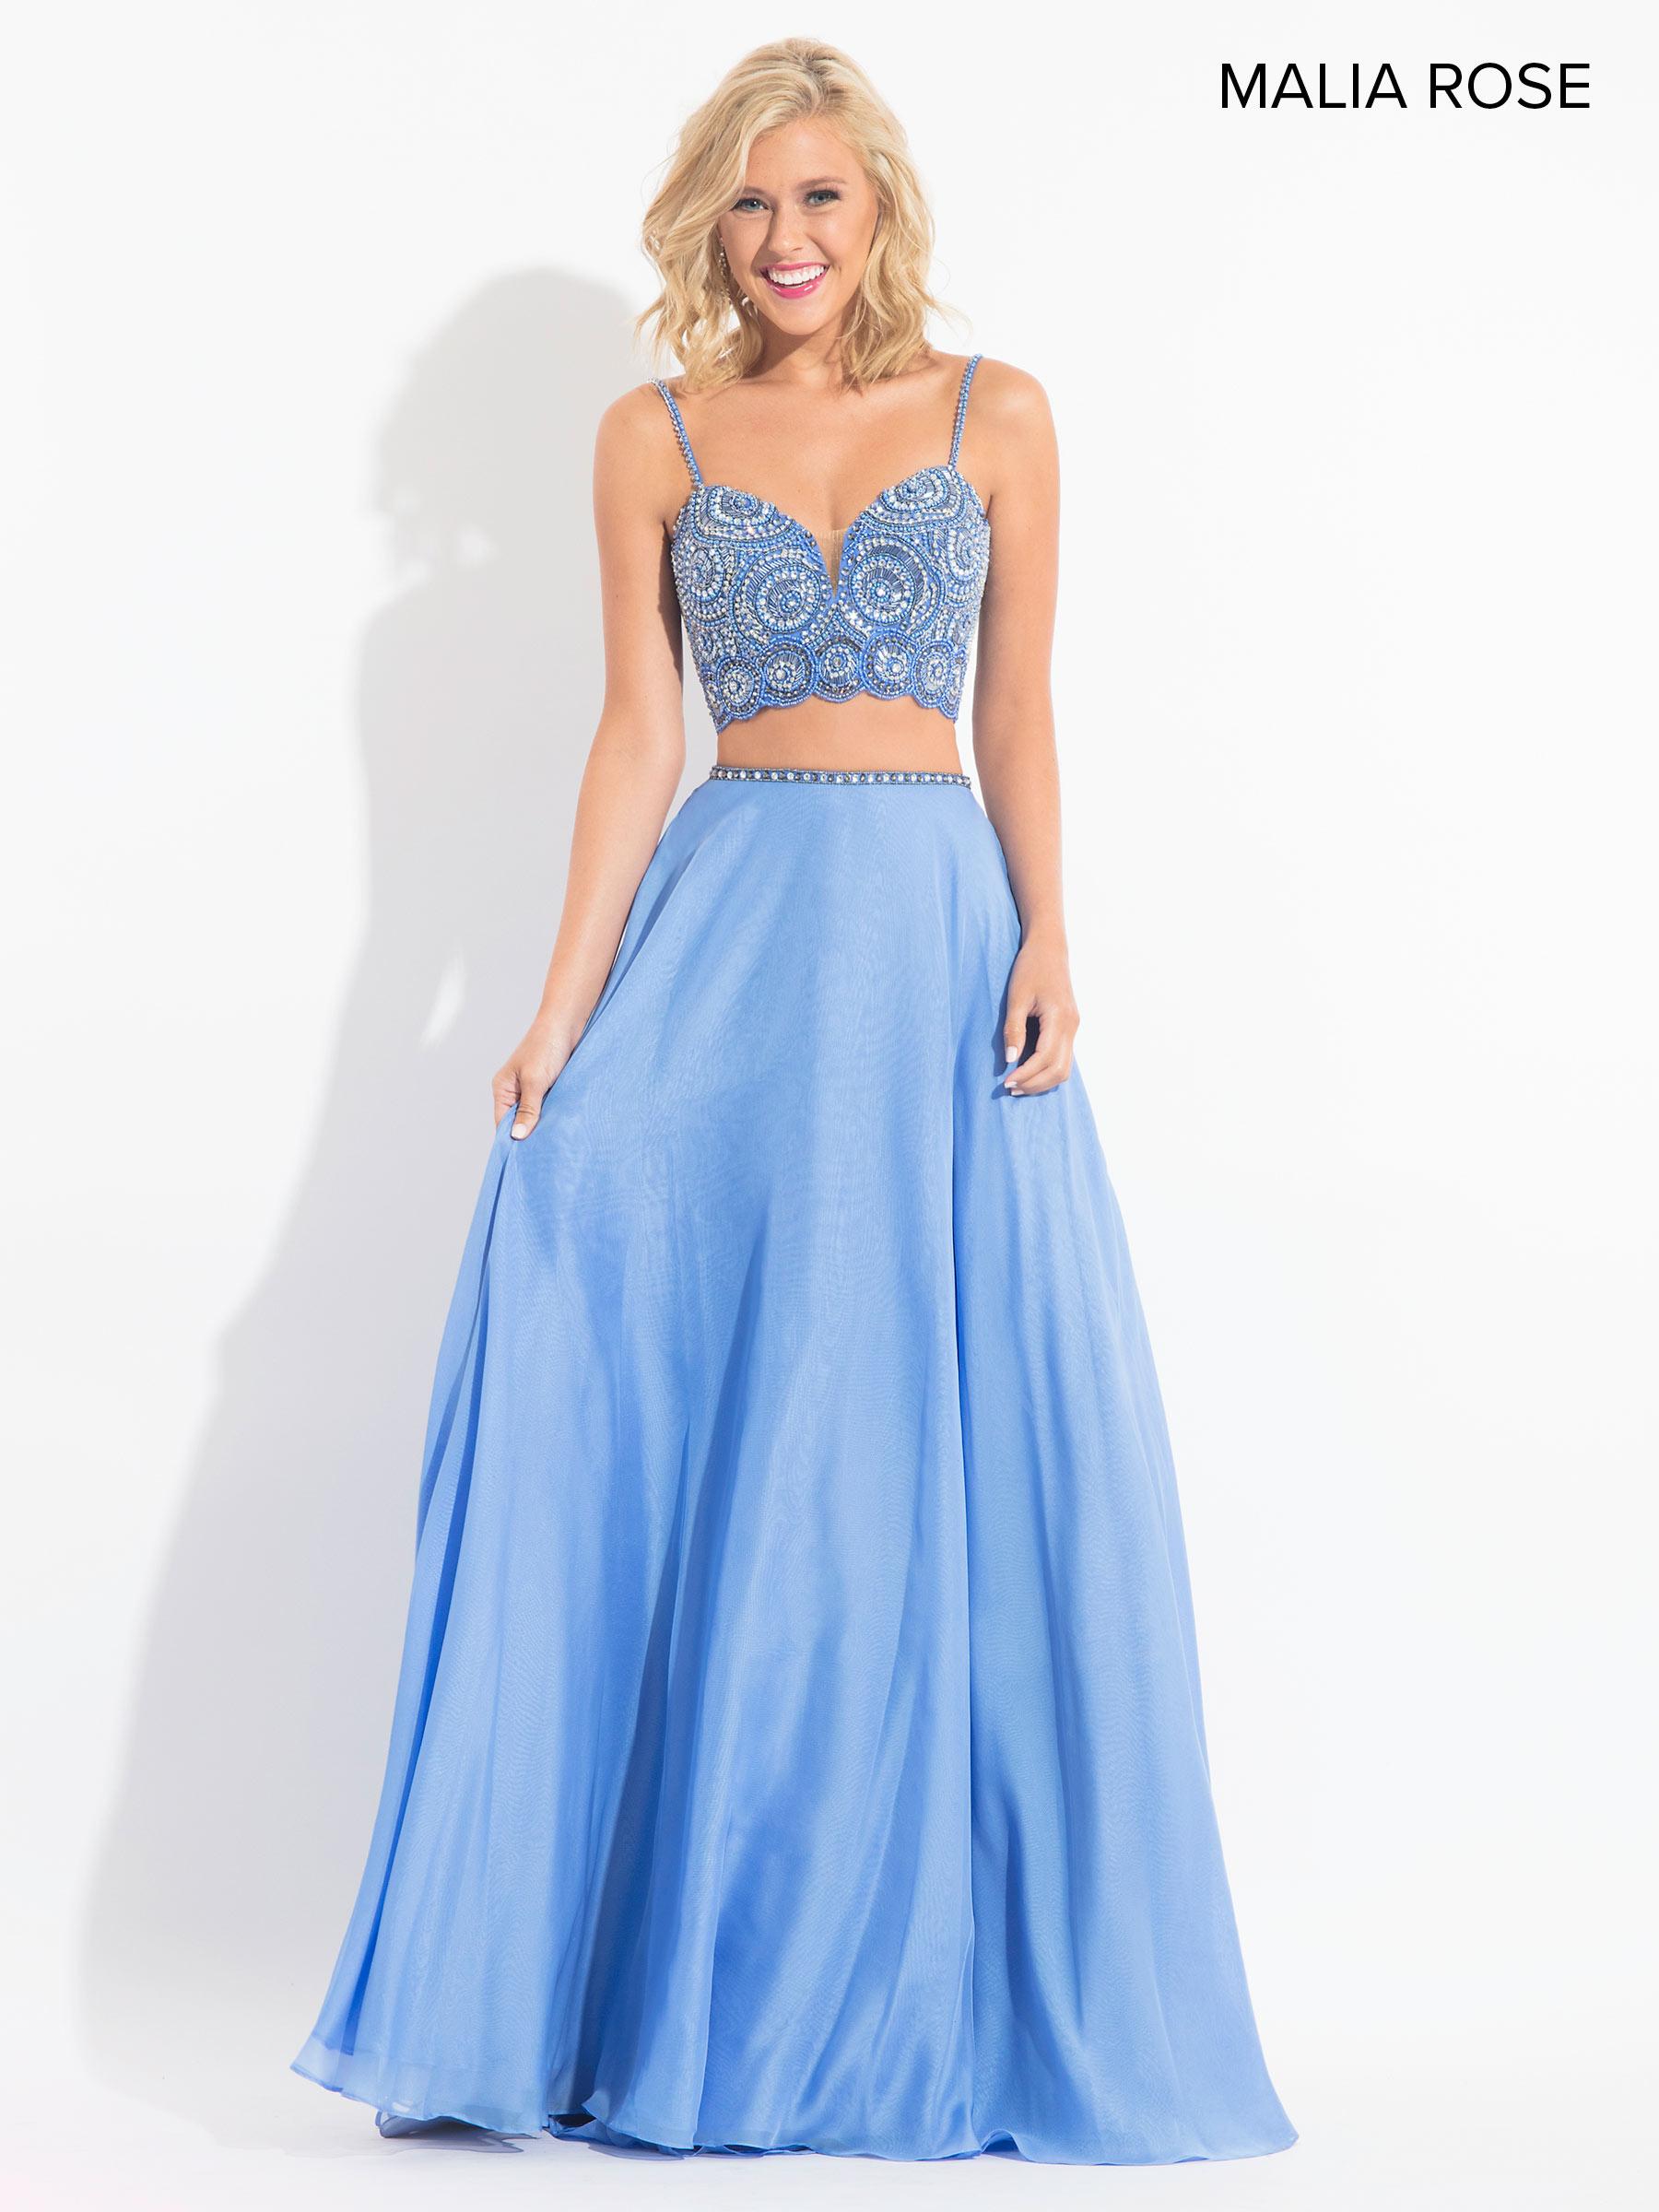 Malia Rose Prom Dresses | Malia Rose | Style - MP1015